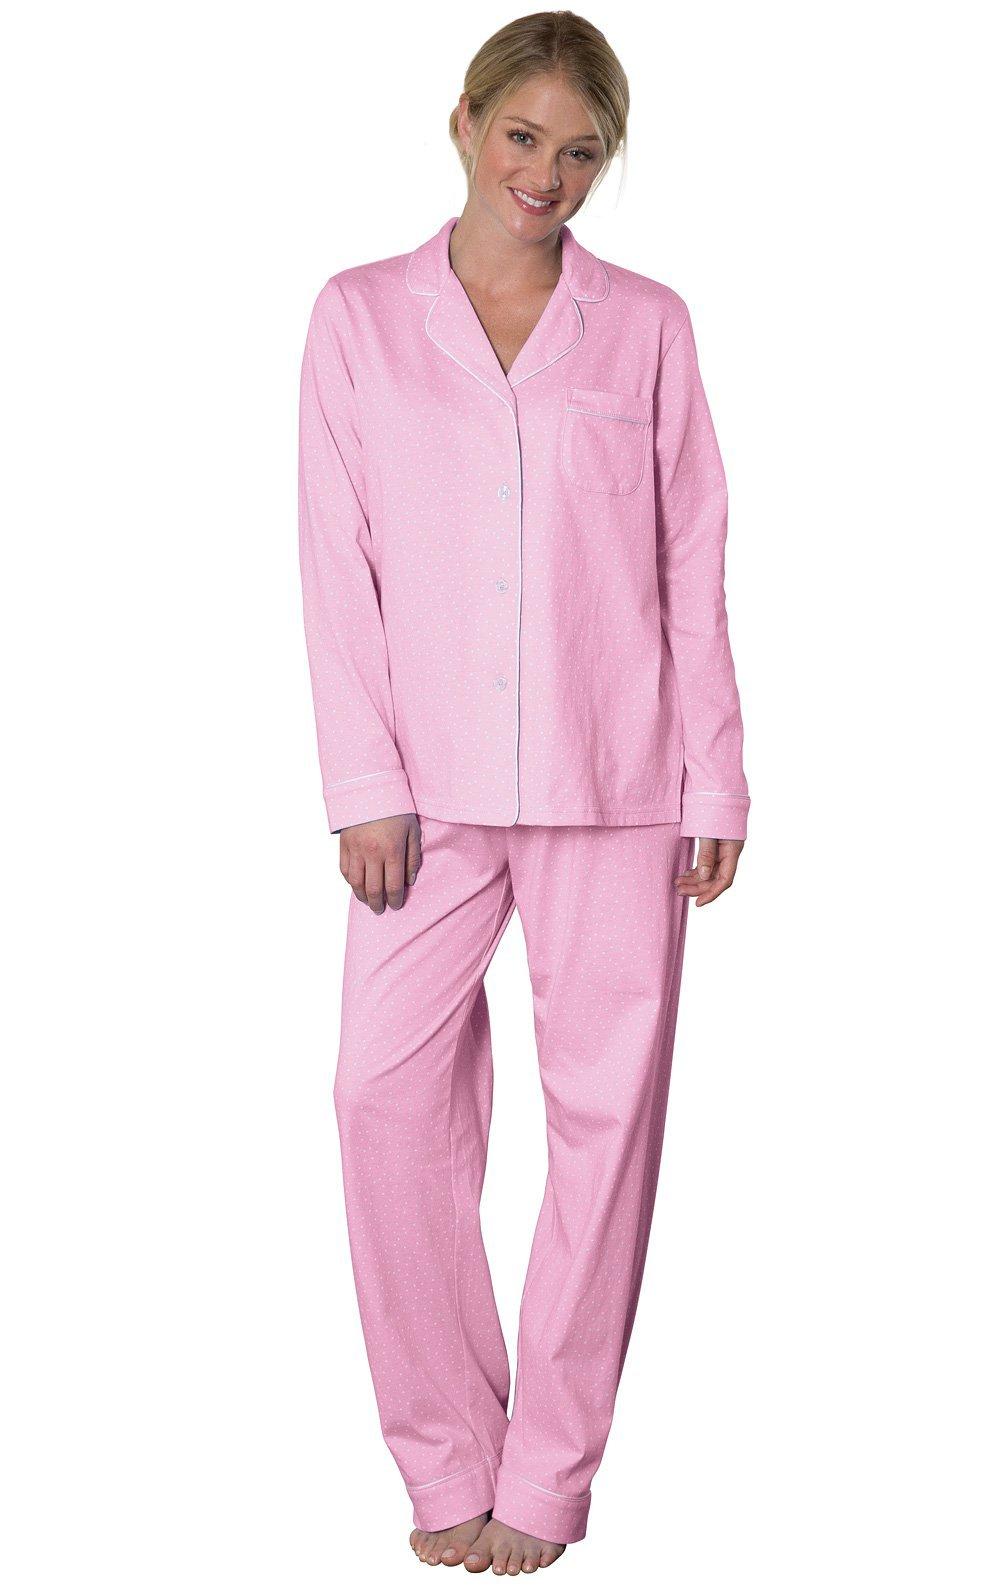 PajamaGram Pajamas for Women Soft - Cotton Jersey Ladies Pajamas, Pink, M, 8-10 by PajamaGram